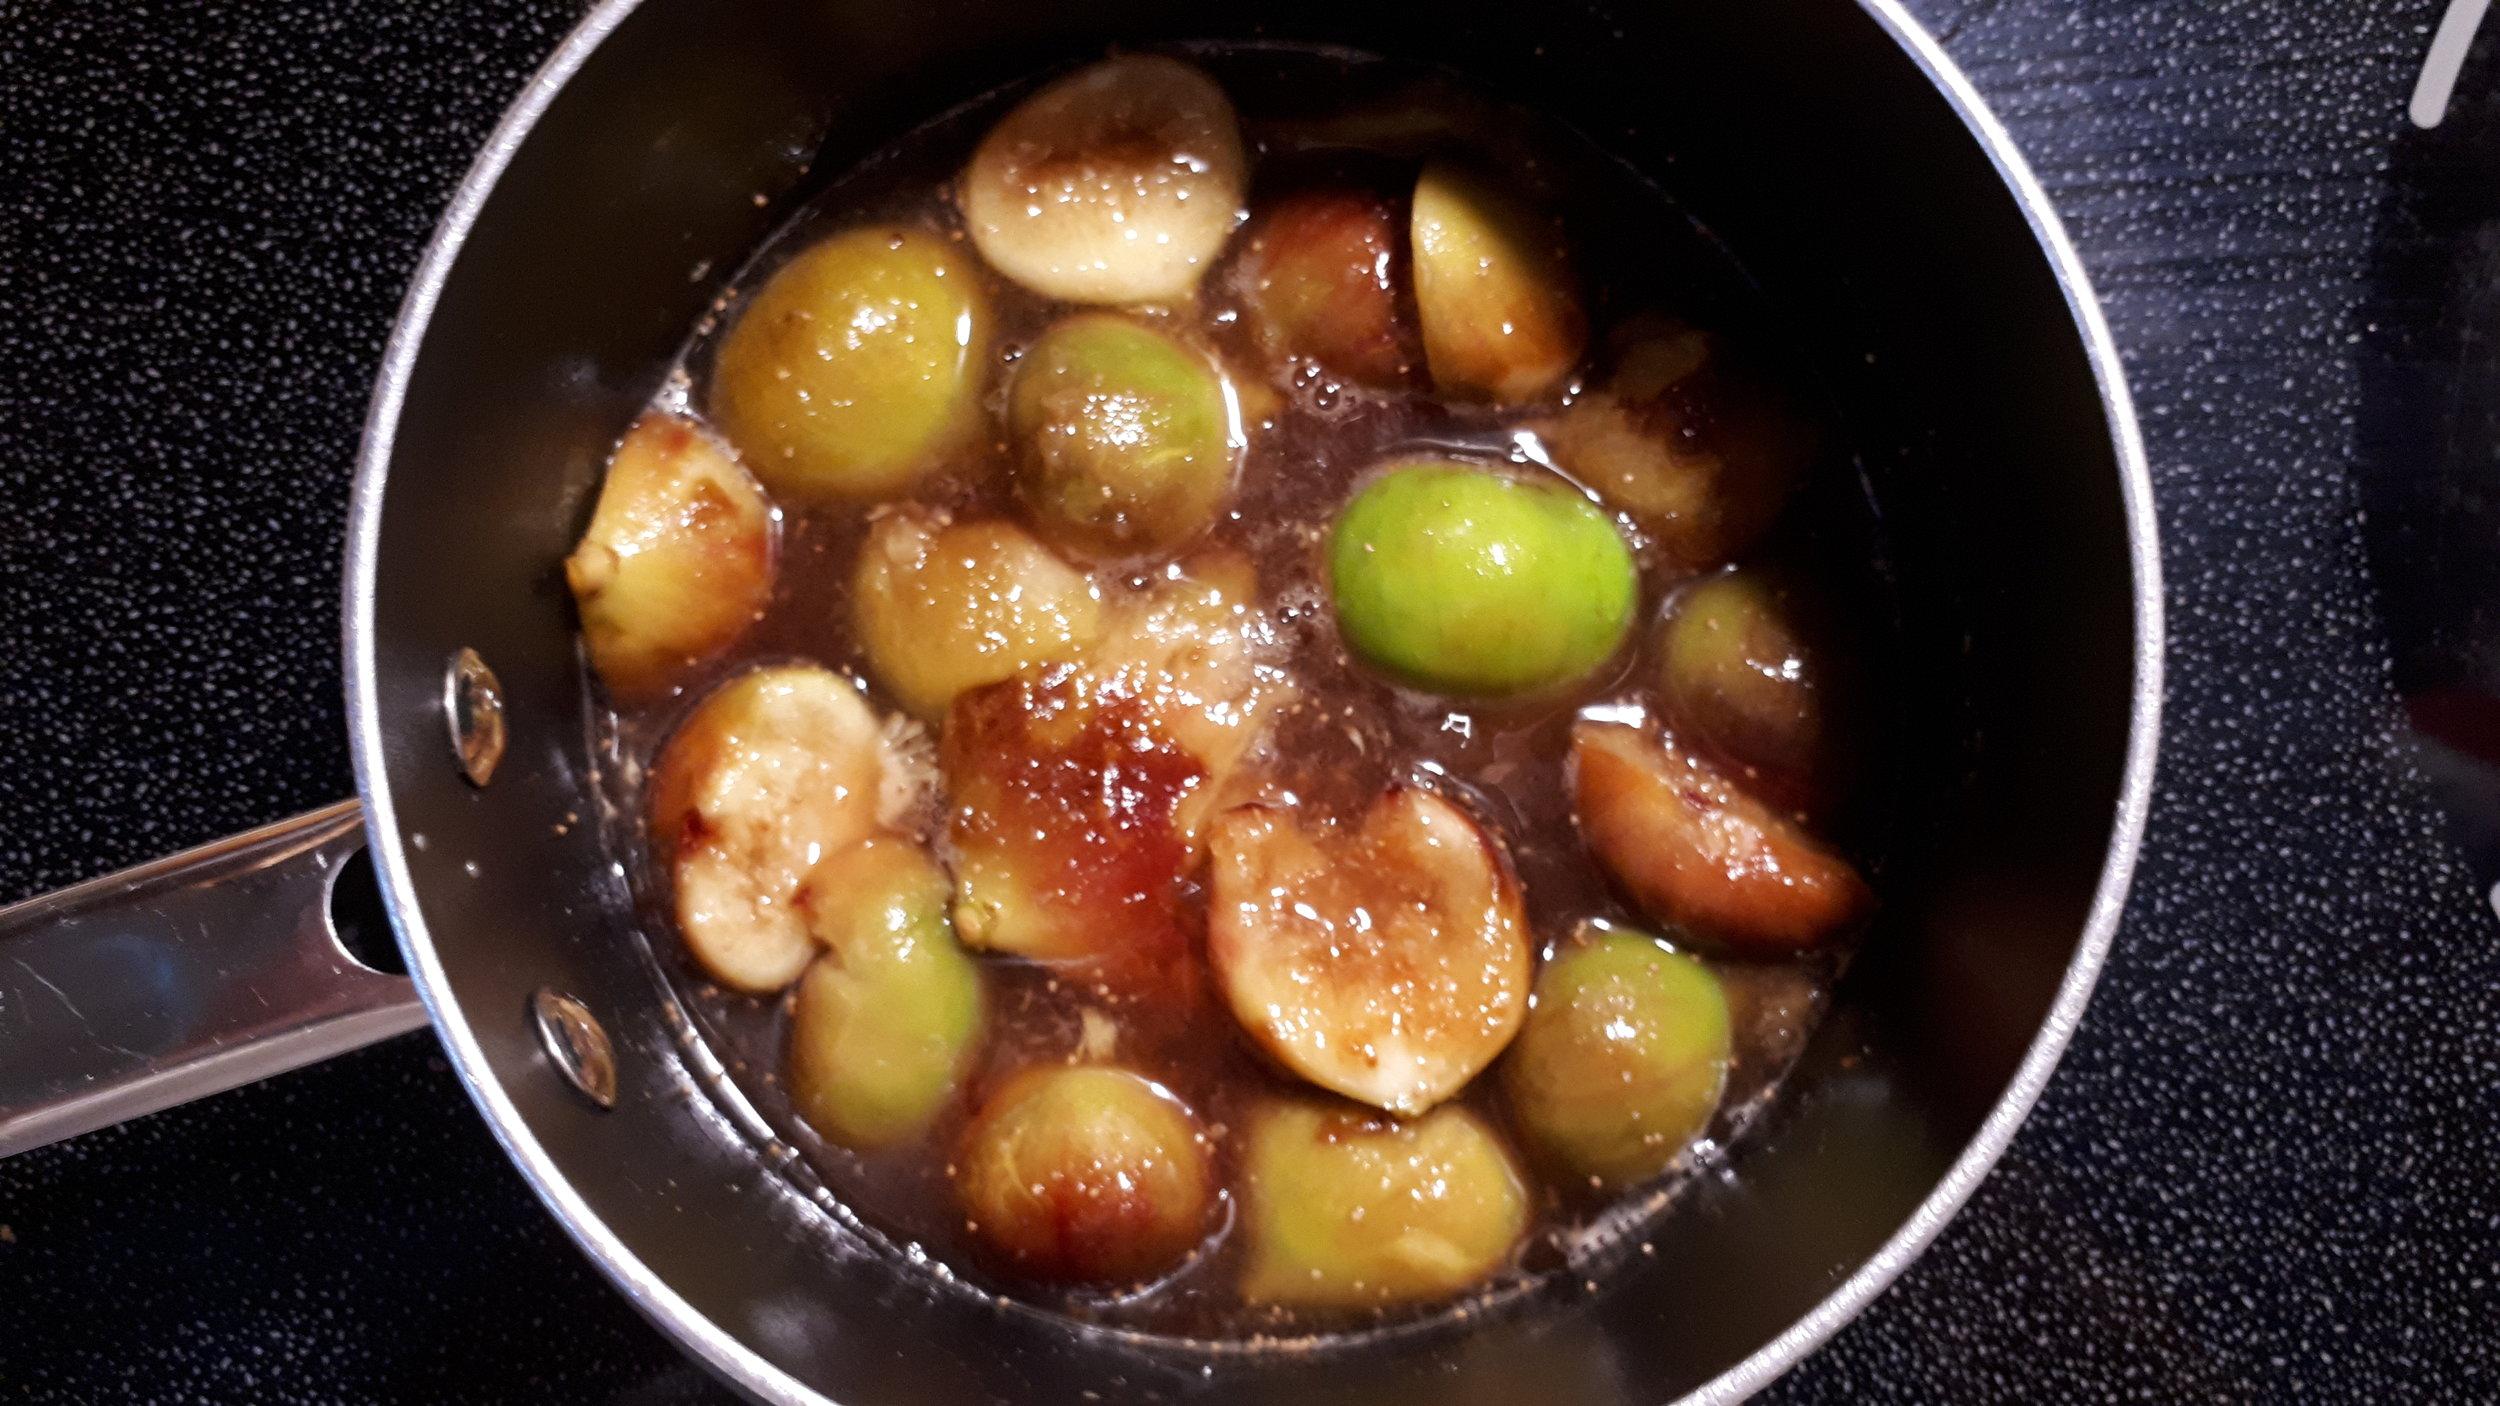 figs in pot.jpg